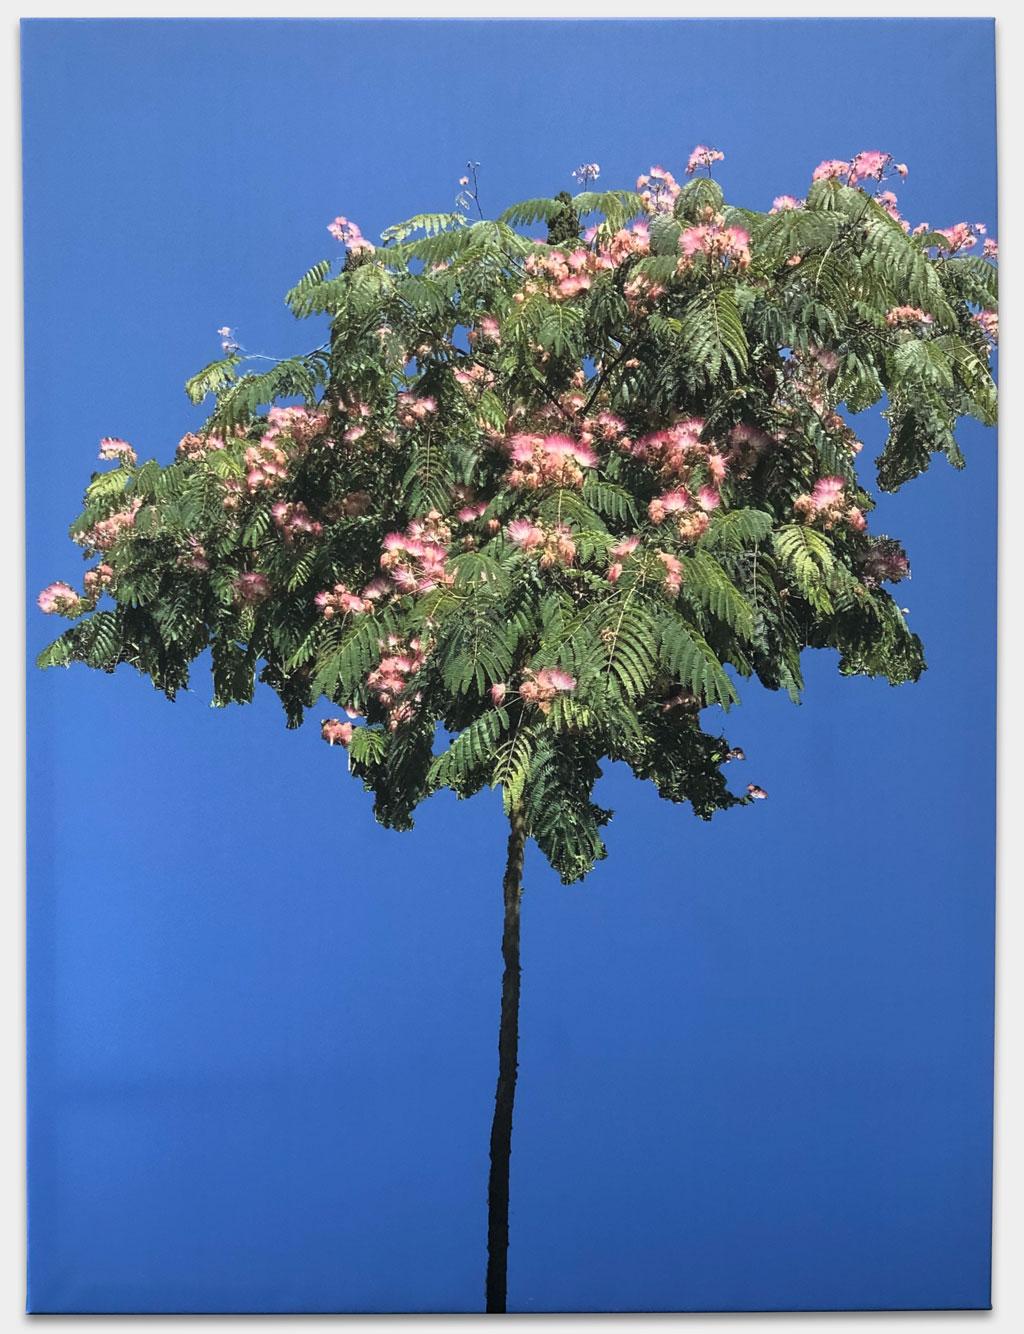 """Ruge, Nina, Fernsehmoderatorin, """"Seidenakazie"""", 120x160 cm, Fotografie auf Leinwand gedruckt, Keilrahmen, Inspiriert von ihrem Lieblingsbaum in Lucca"""